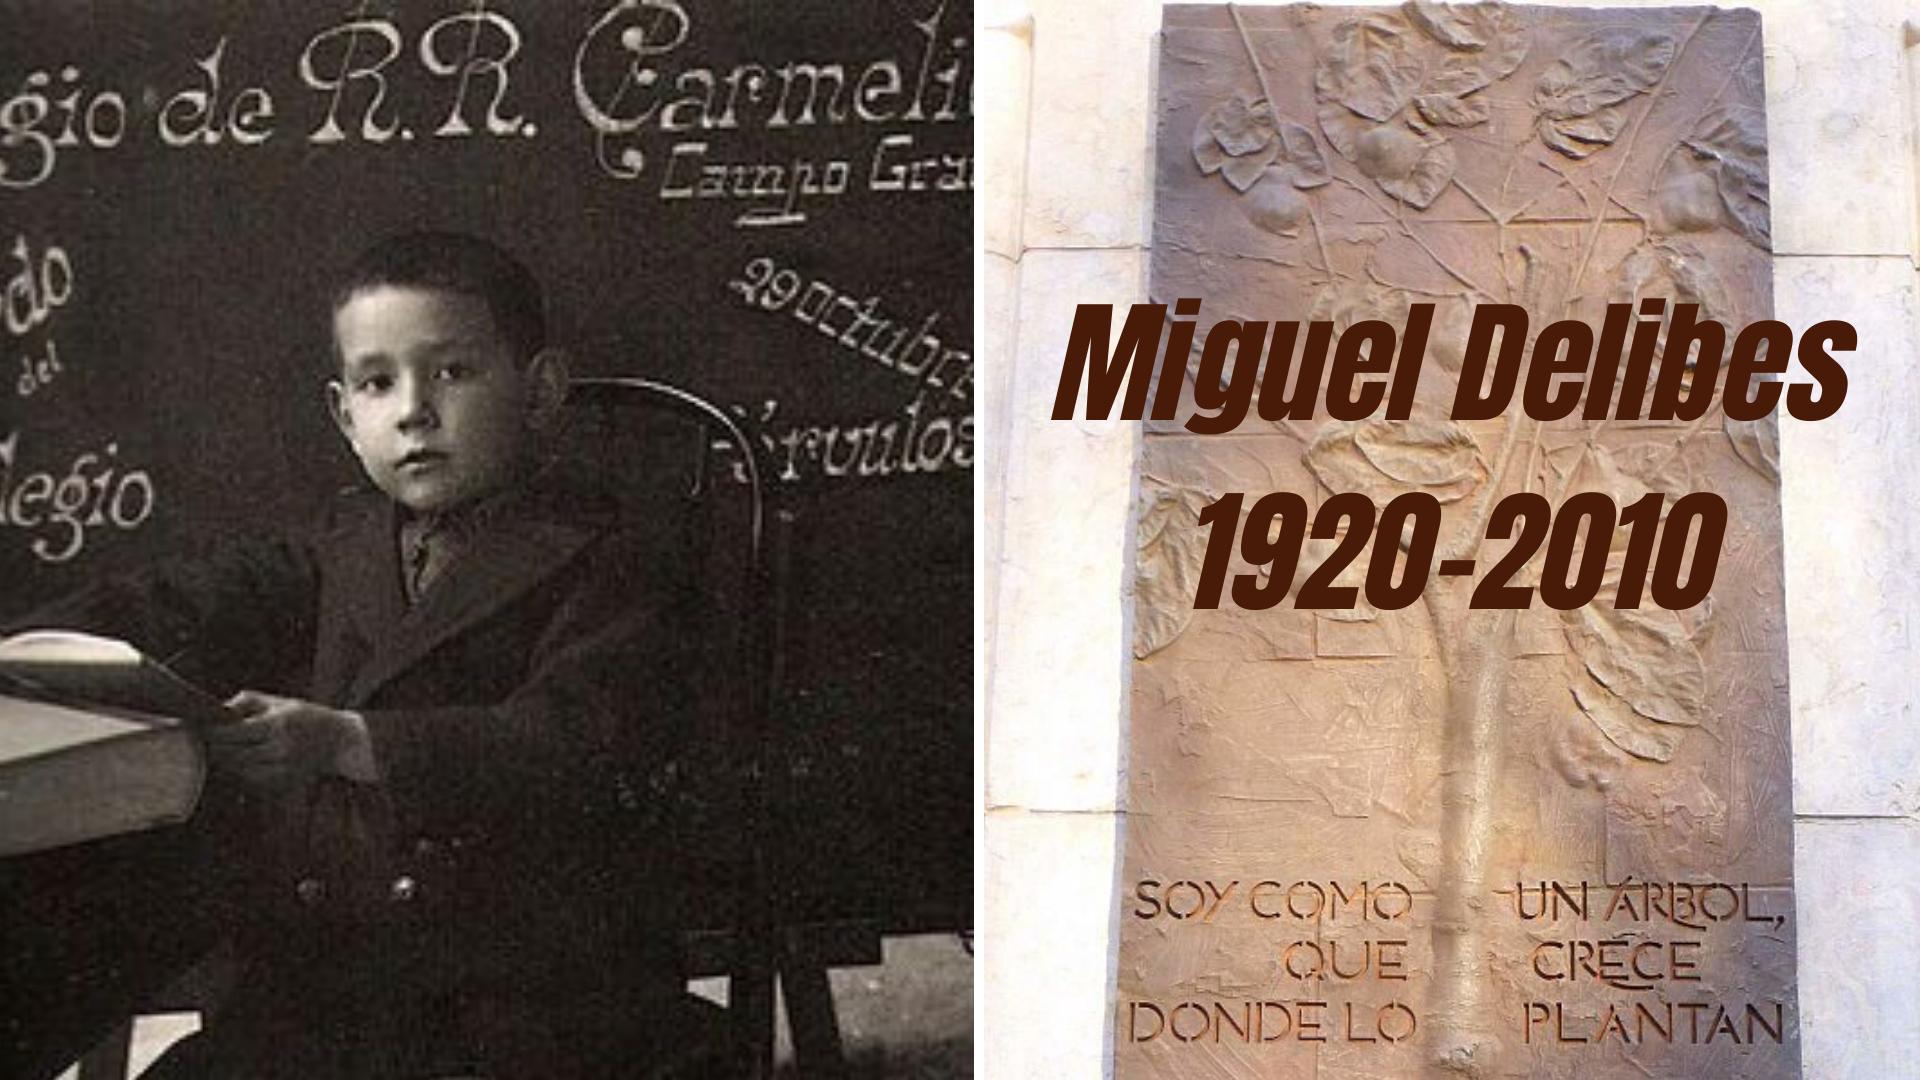 Miguel Delibes Gran Novelista Y Castellano De Bien Comillas Contigo